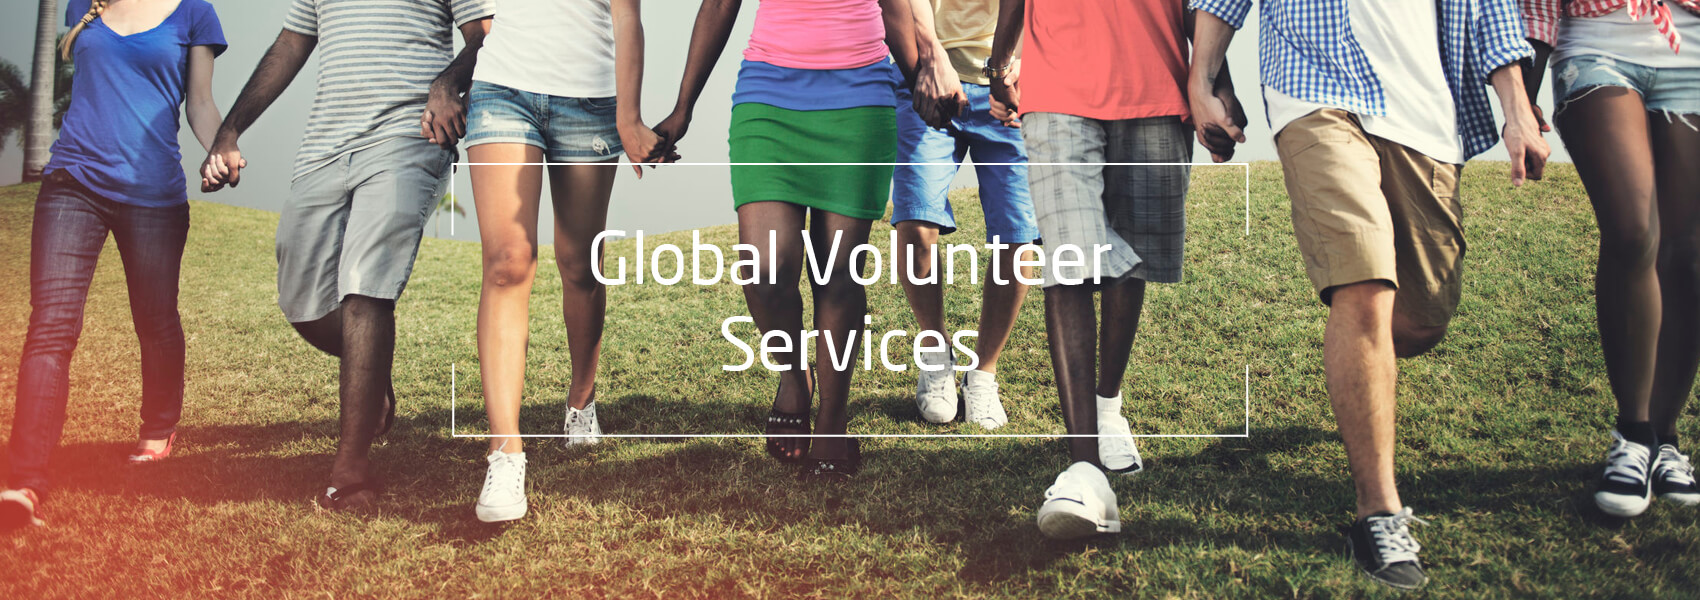 Beine von Jugendlichen, die in einer Reihe gehen, Text: Global Volunteer Services